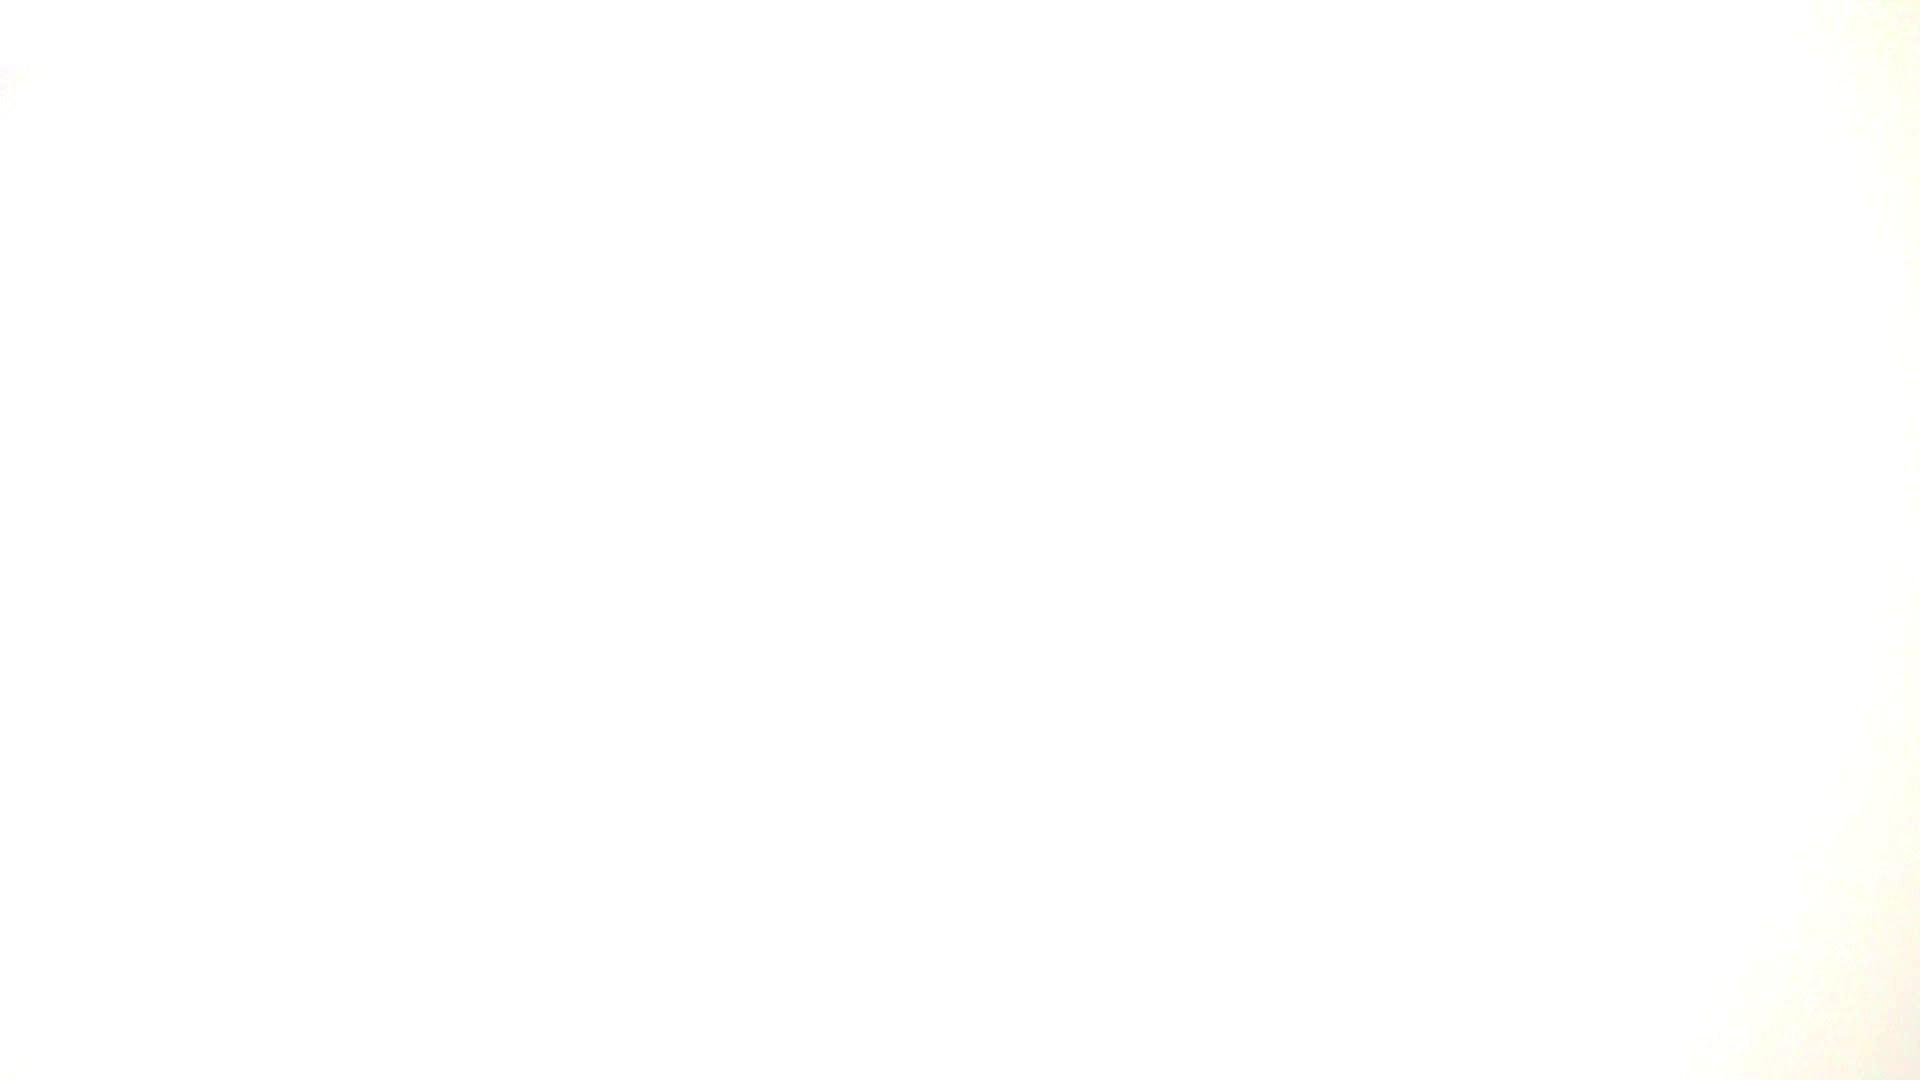 ※100個限定販売 至高下半身盗撮 プレミアム Vol.4 ハイビジョン 盗撮映像大放出 | エッチすぎるOL達  77連発 49